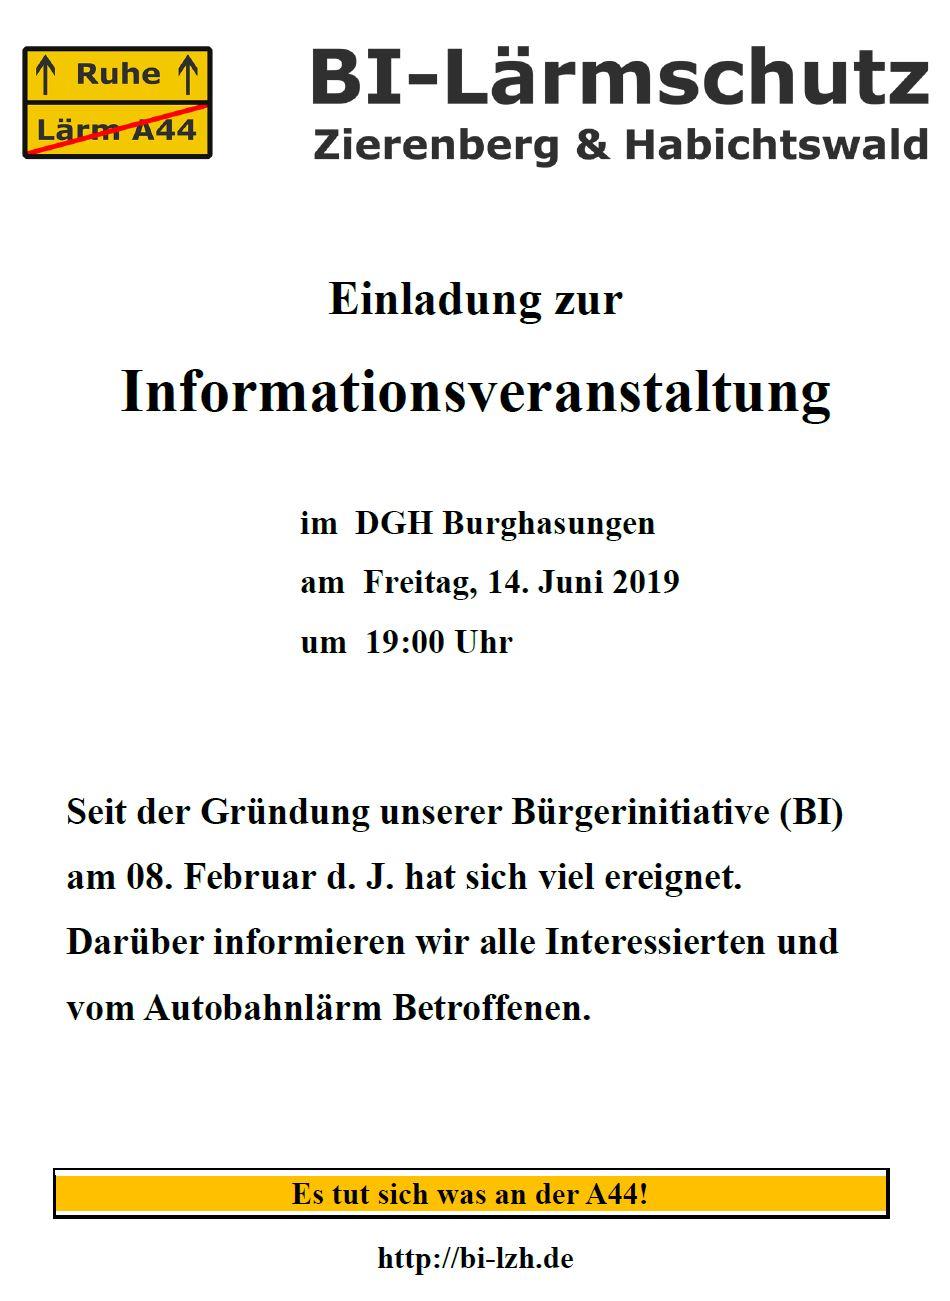 Einladung, BI-Lärmschutz Zierenberg & Habichtswald, bi-lzh.de, 14.06.2019